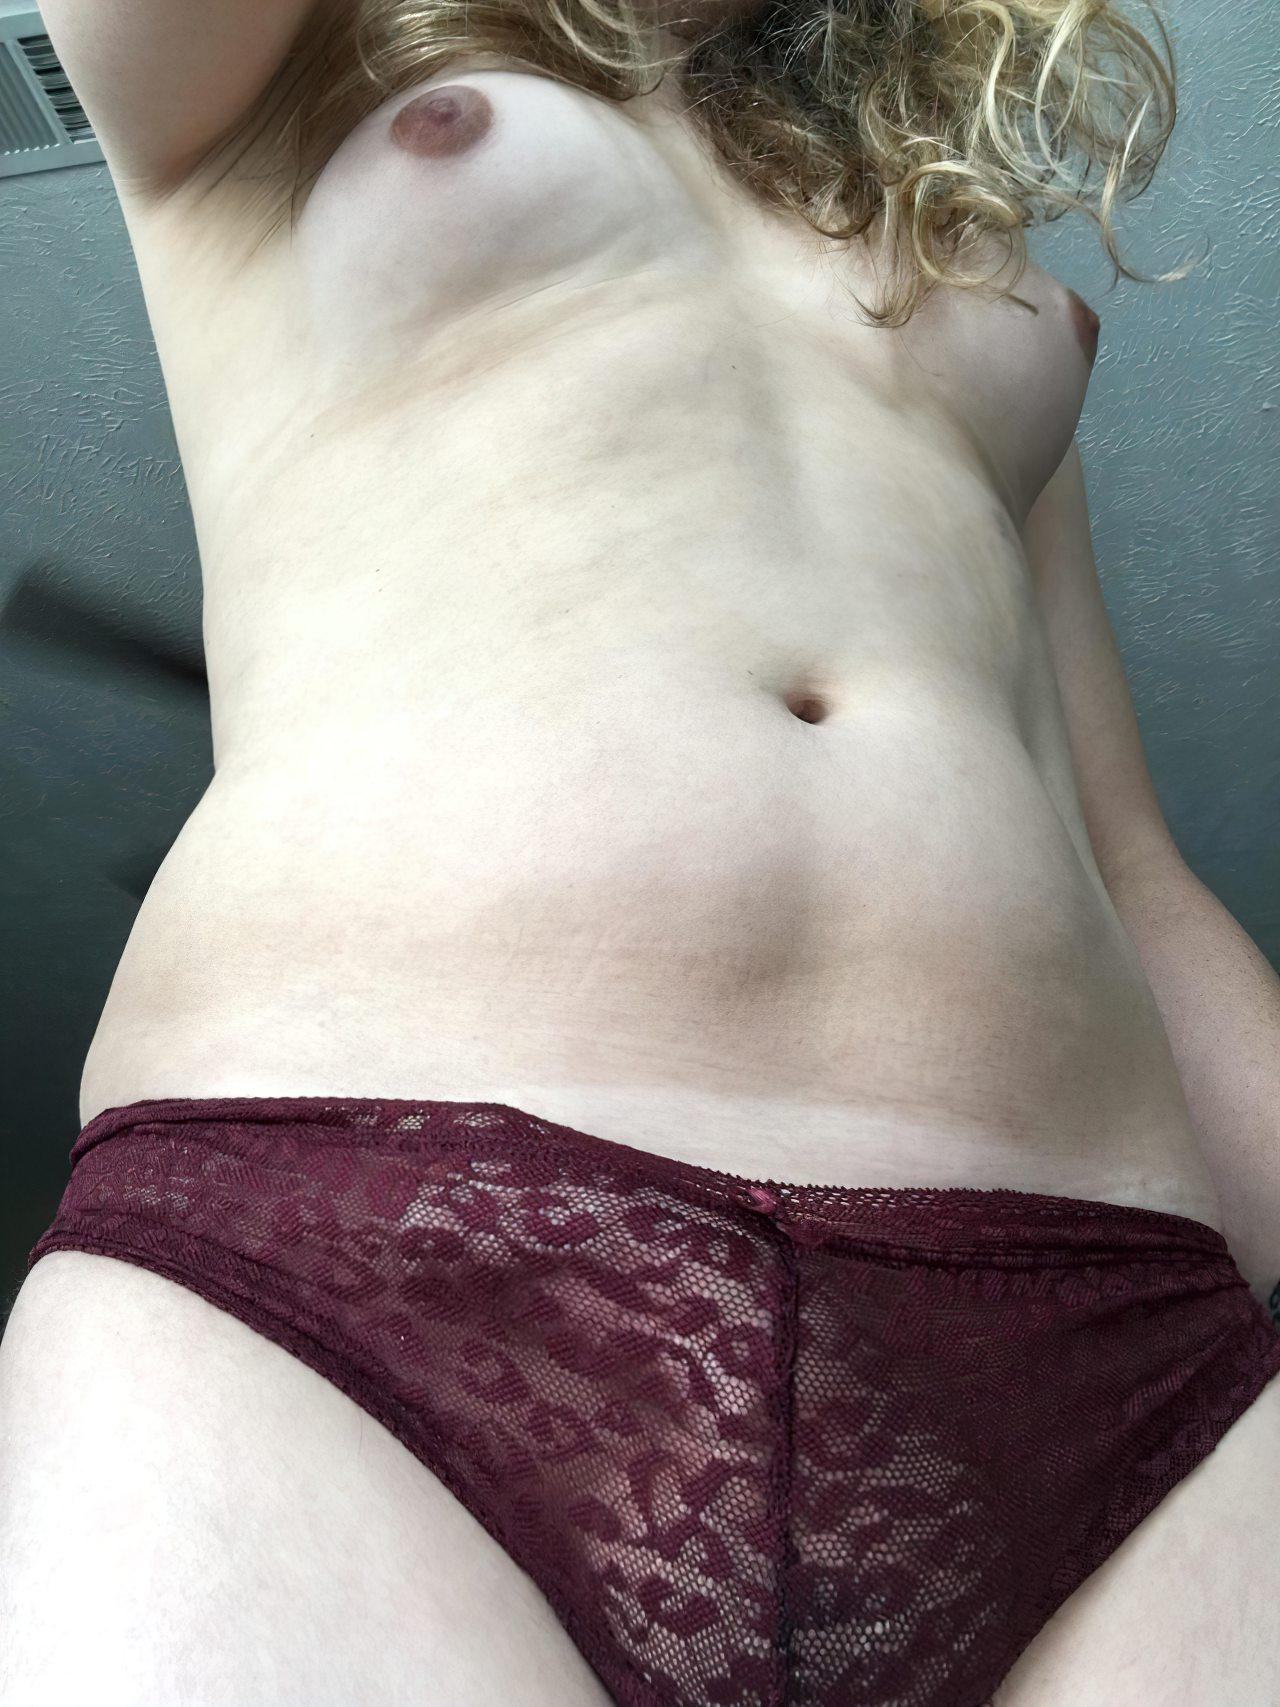 Fotos Caseiras Trans Natural (4)